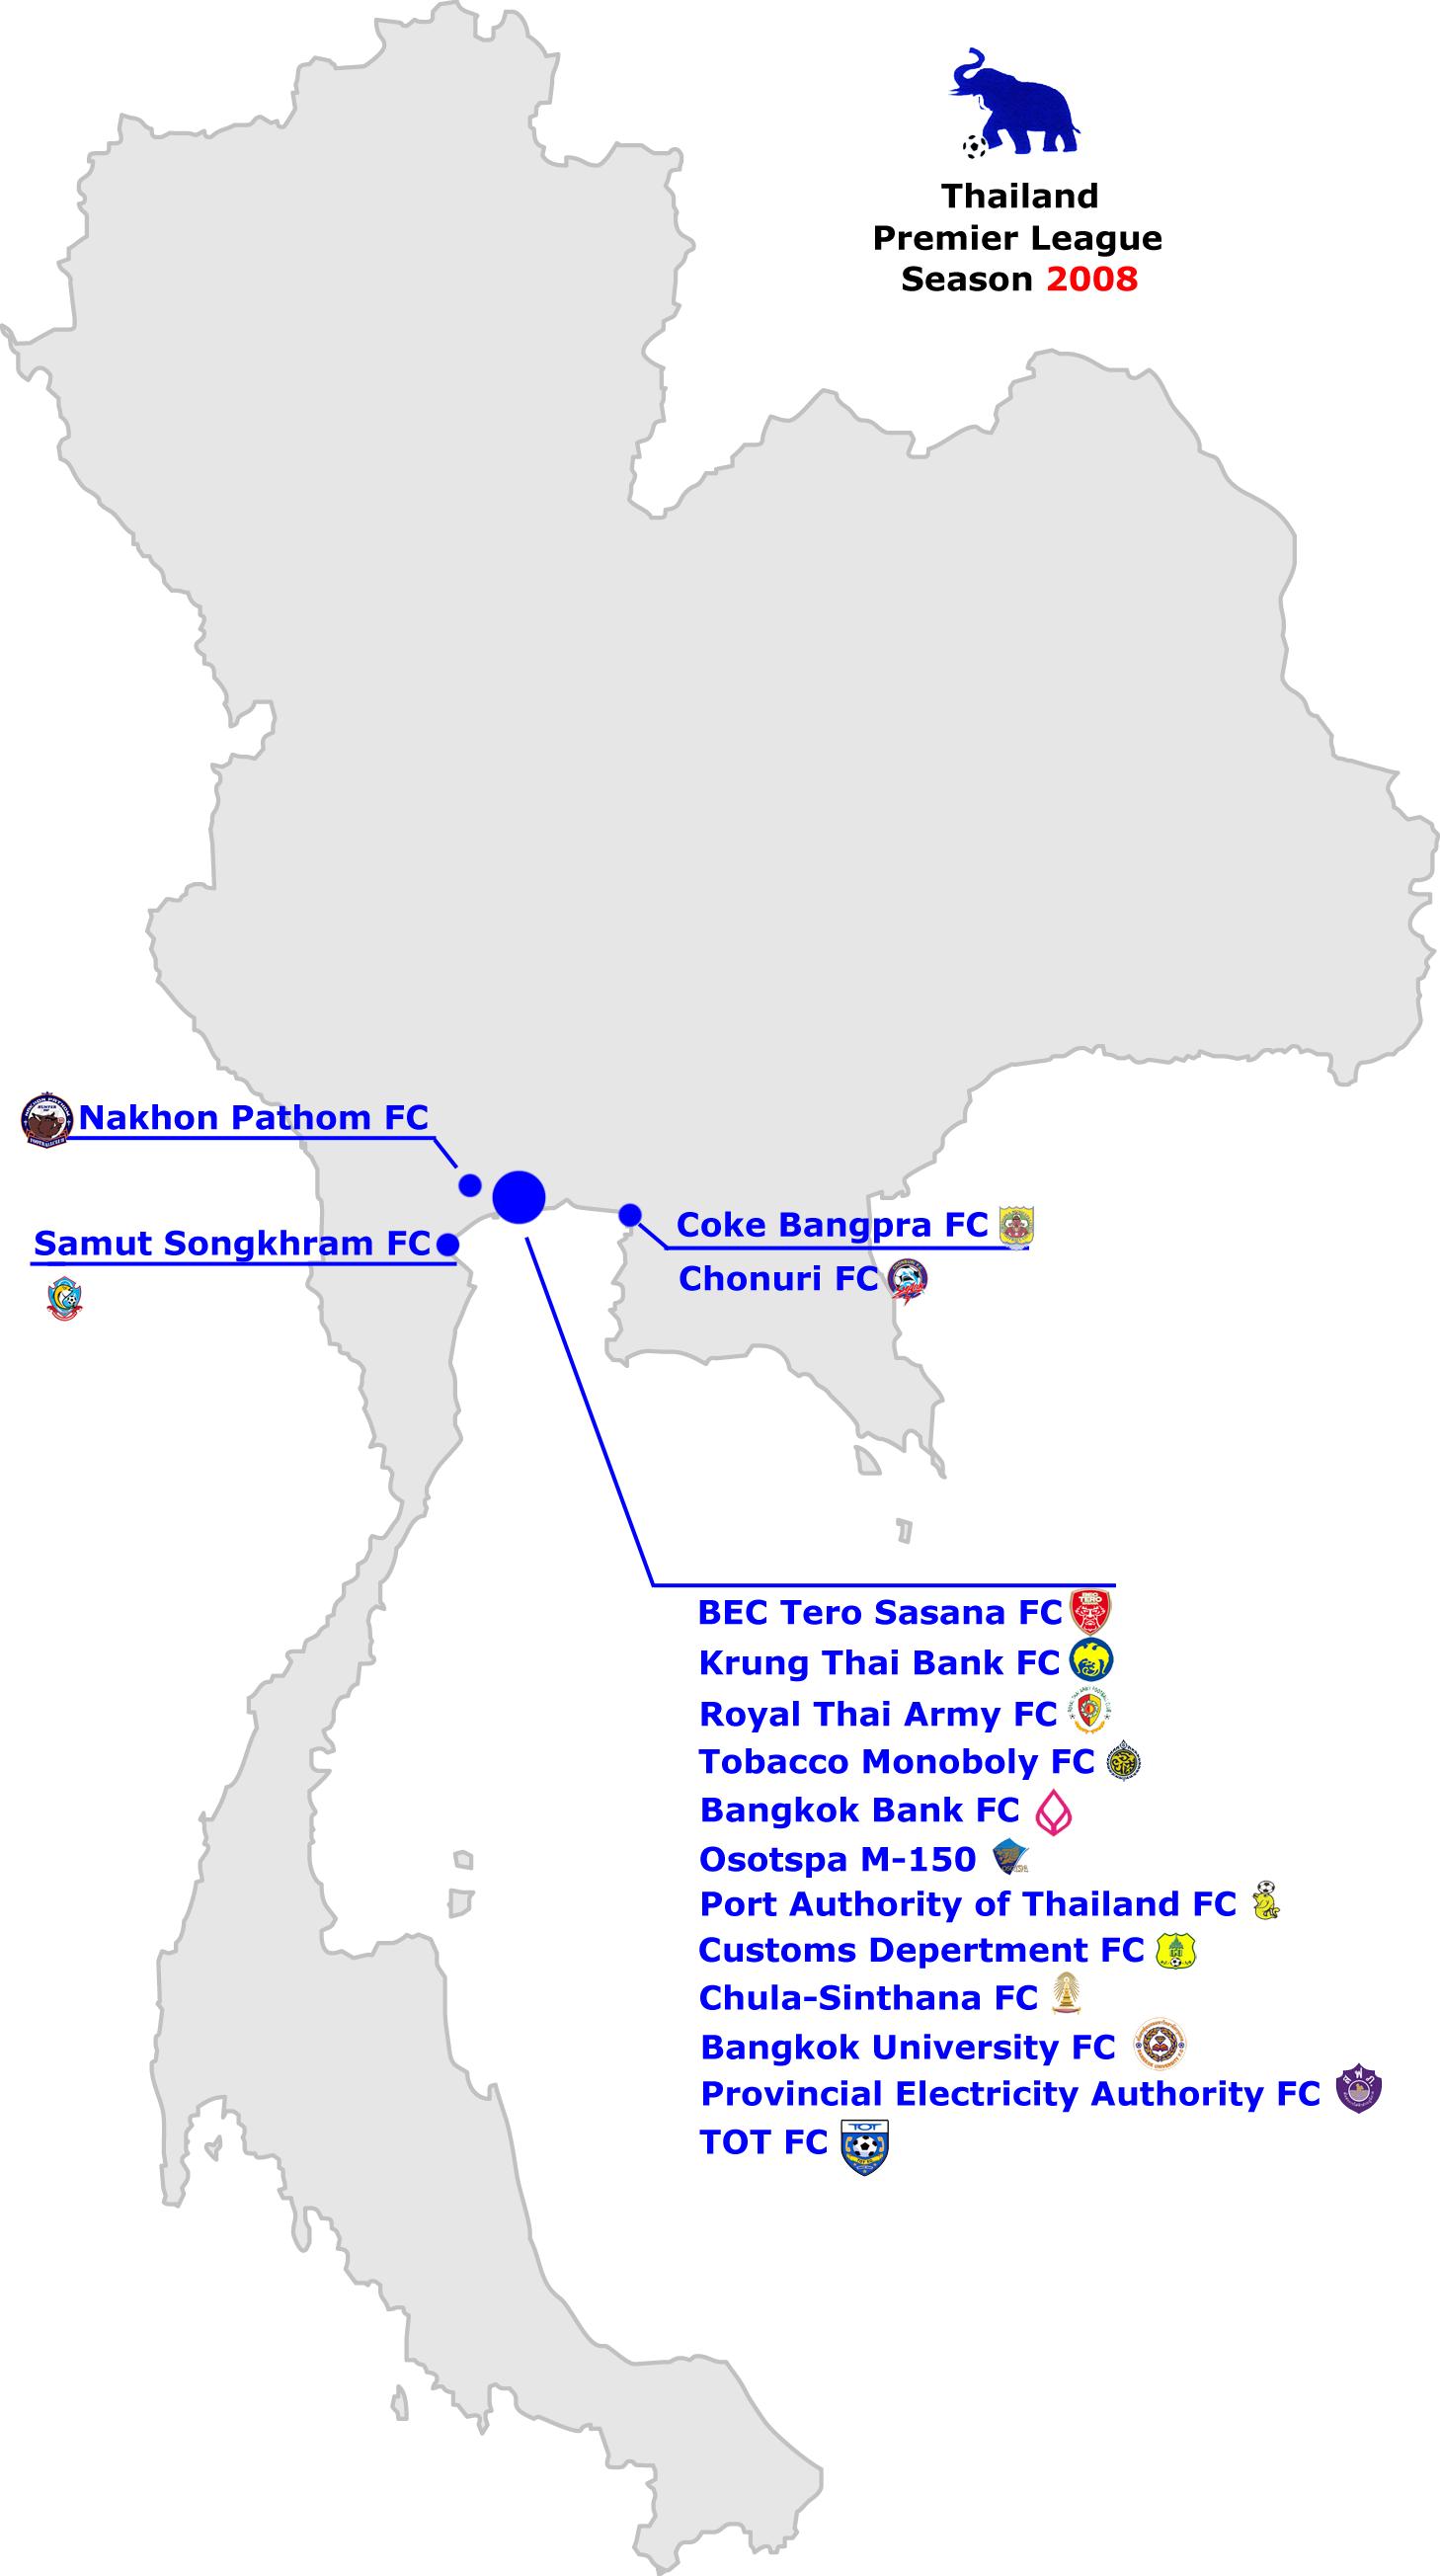 thailand premier league